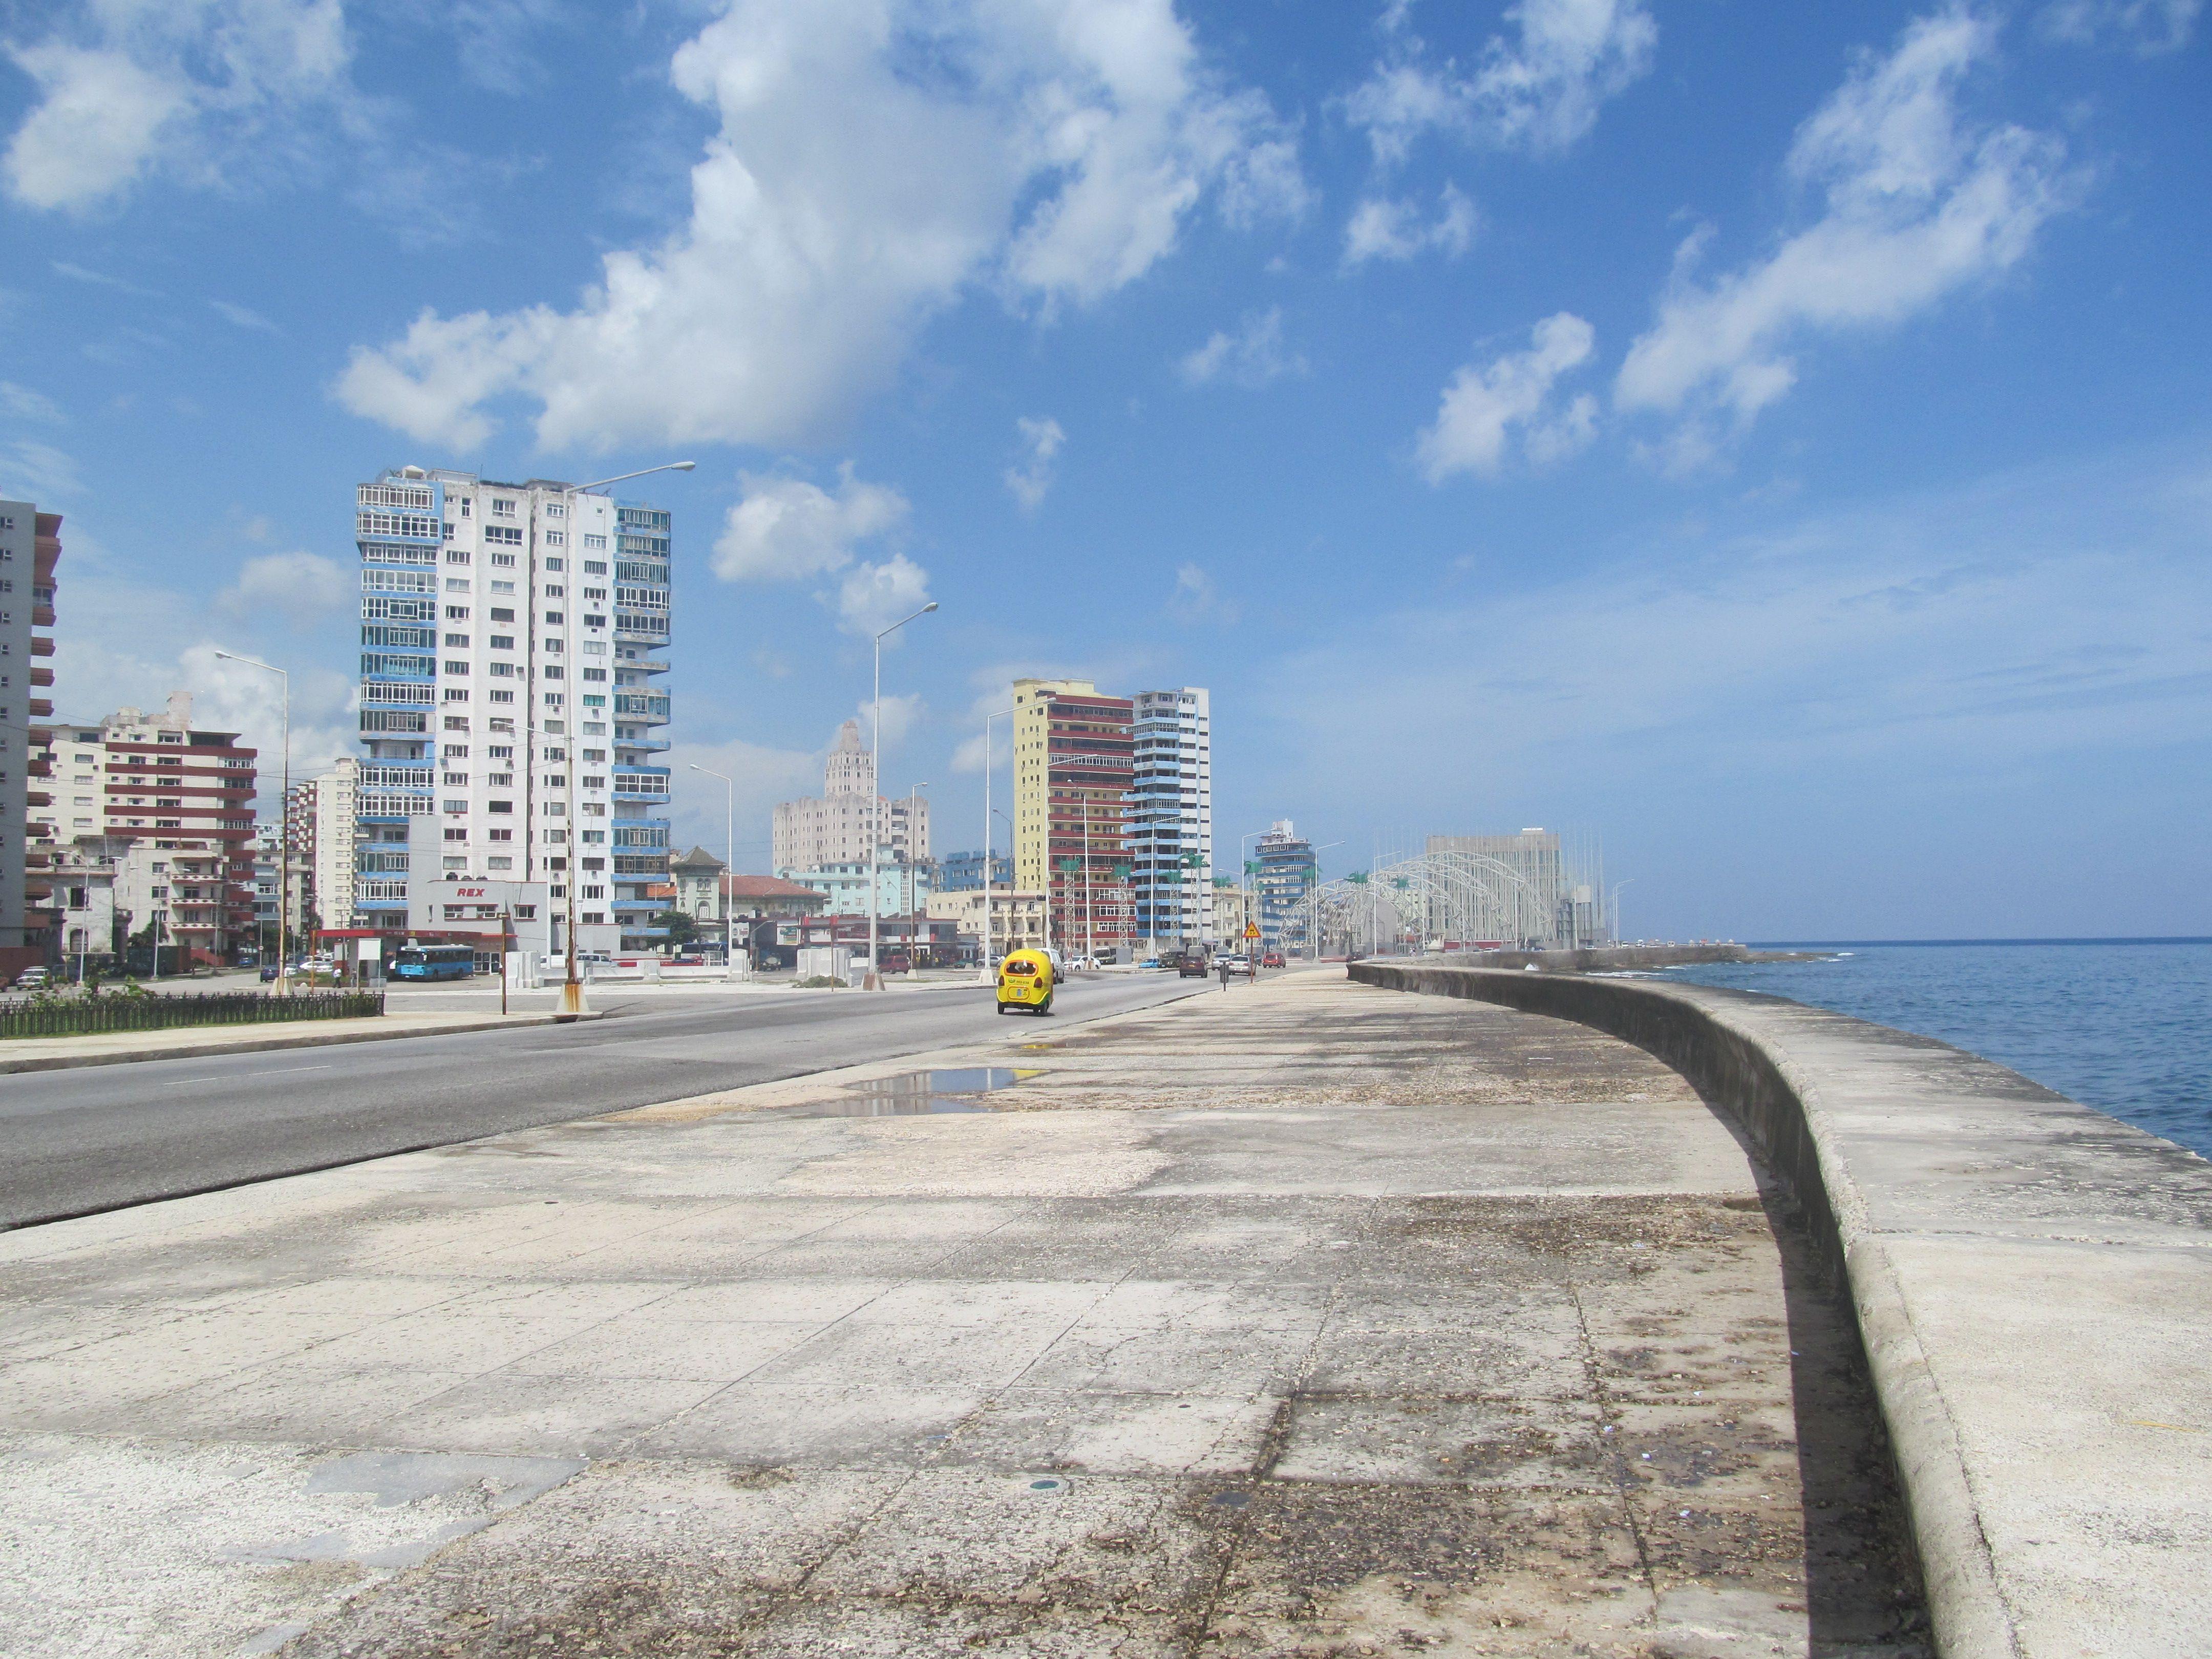 El comienzo de El Malecón de La Habana se remonta a los inicios mismos del siglo XX, en 1901 durante el gobierno provisional norteamericano en la isla. Su construcción se fue realizando por etapas sucesivas y duró cerca de cincuenta años, En la actualidad se encuentra en constantes obras de restauración.